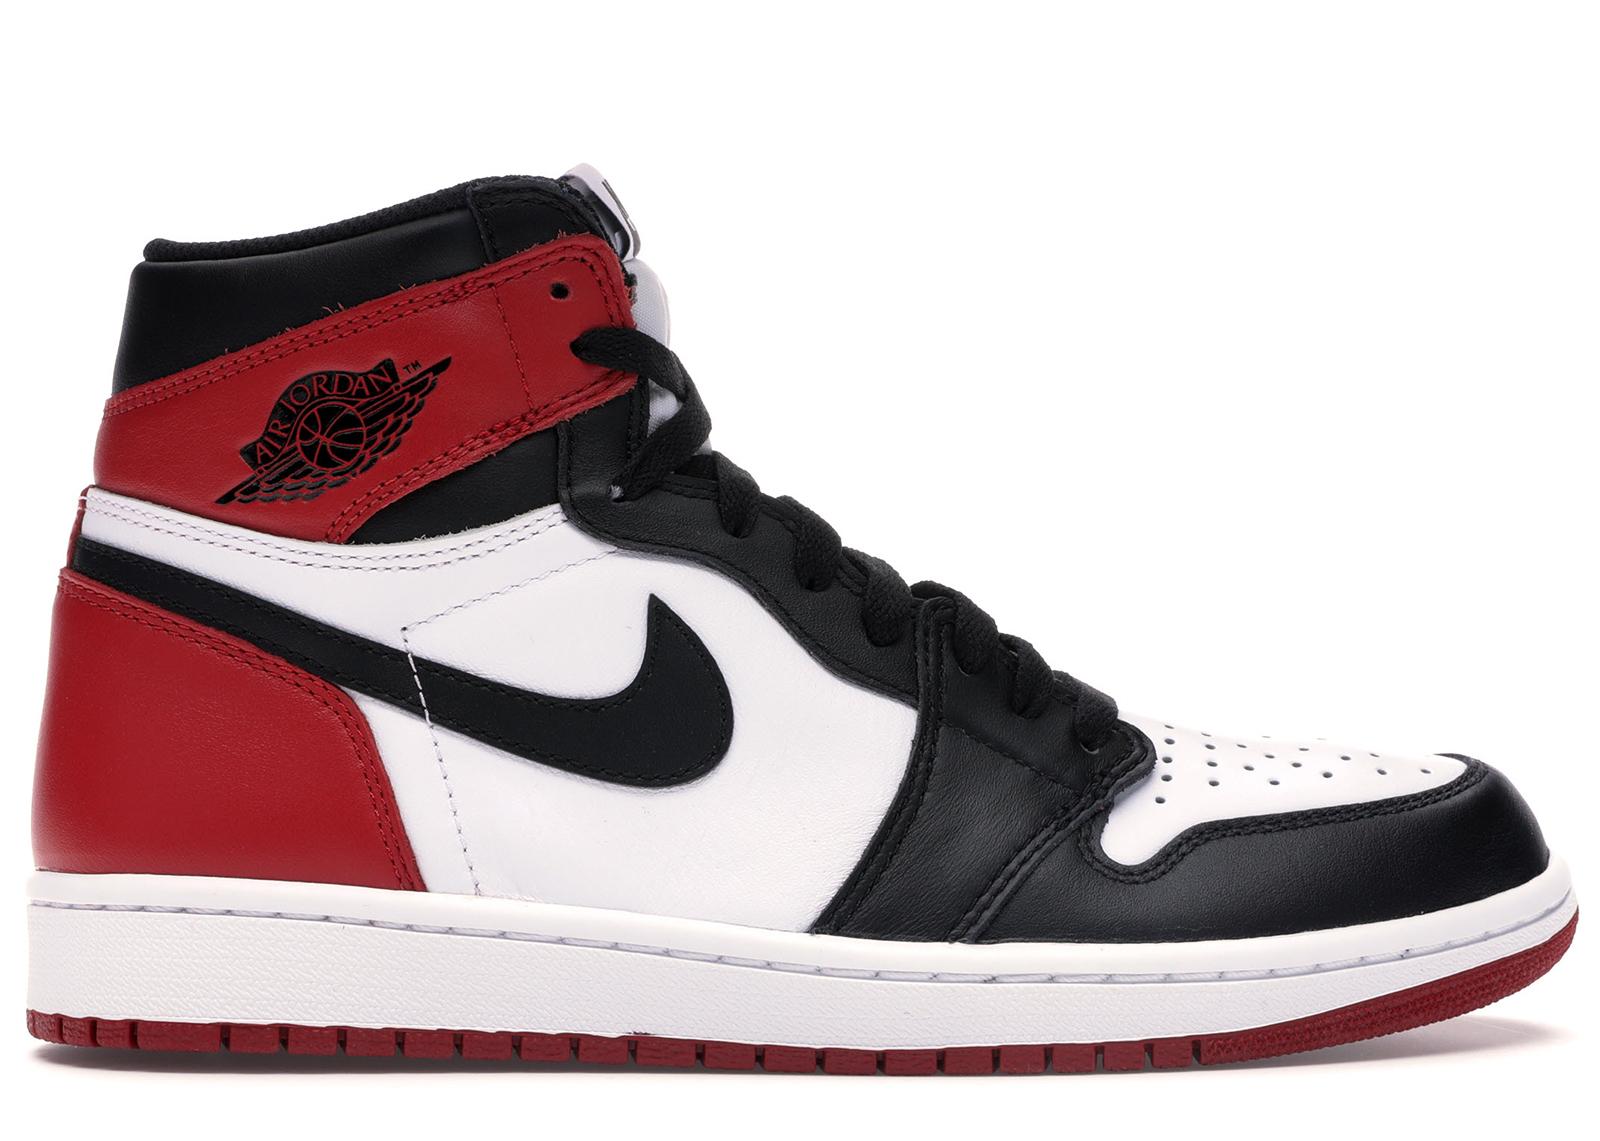 Jordan 1 Retro Black Toe (2016)